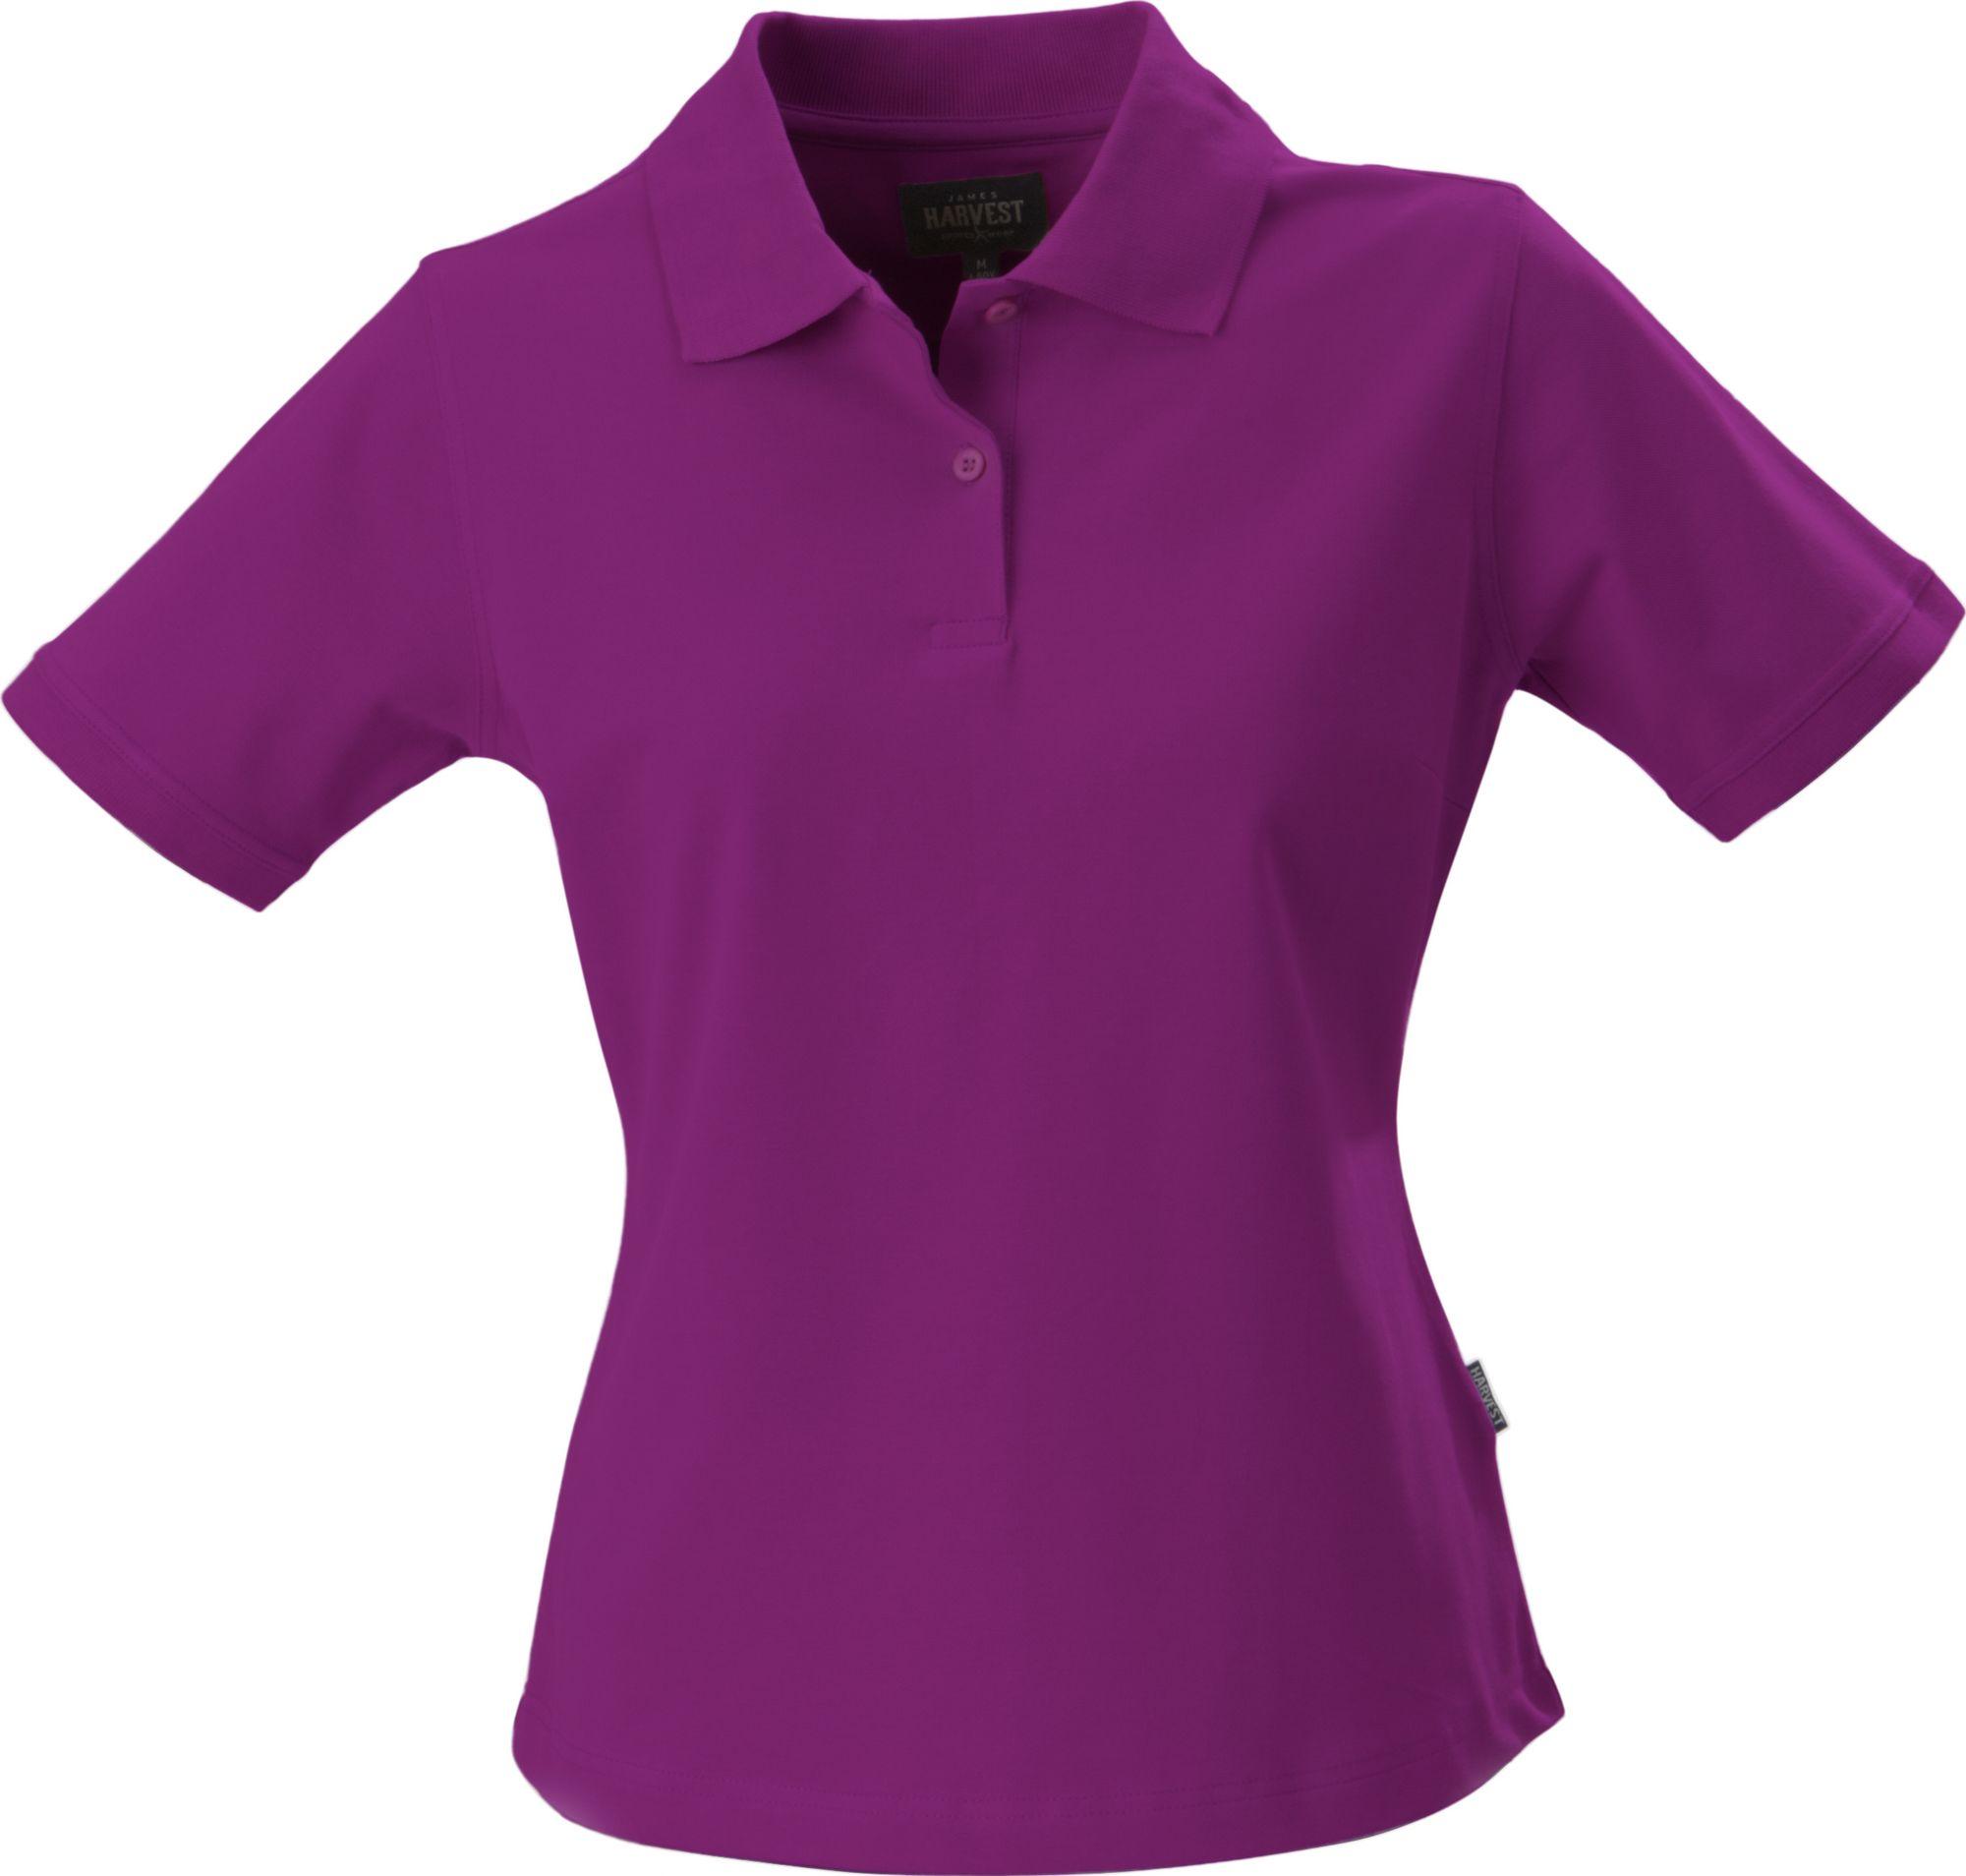 Рубашка поло стретч женская ALBATROSS, лиловая